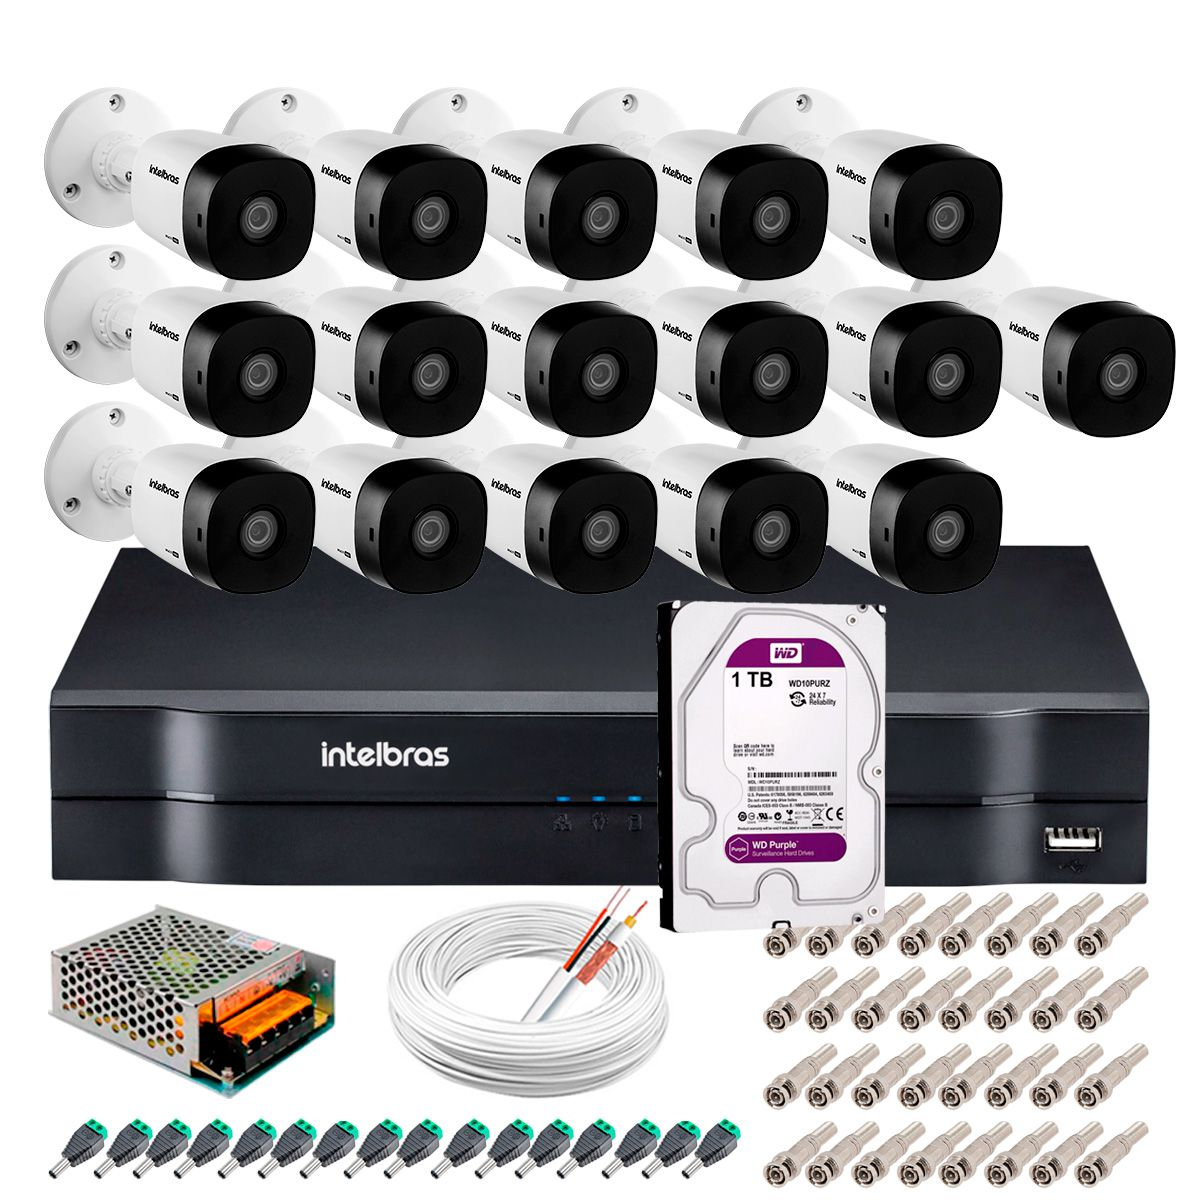 Kit 16 Câmeras Intelbras VHD 1220 B Full HD 1080 Lite + DVR Intelbras + Acessórios Completo - Câmeras com 20m Infravermelho de Visão Noturna  - Tudo Forte